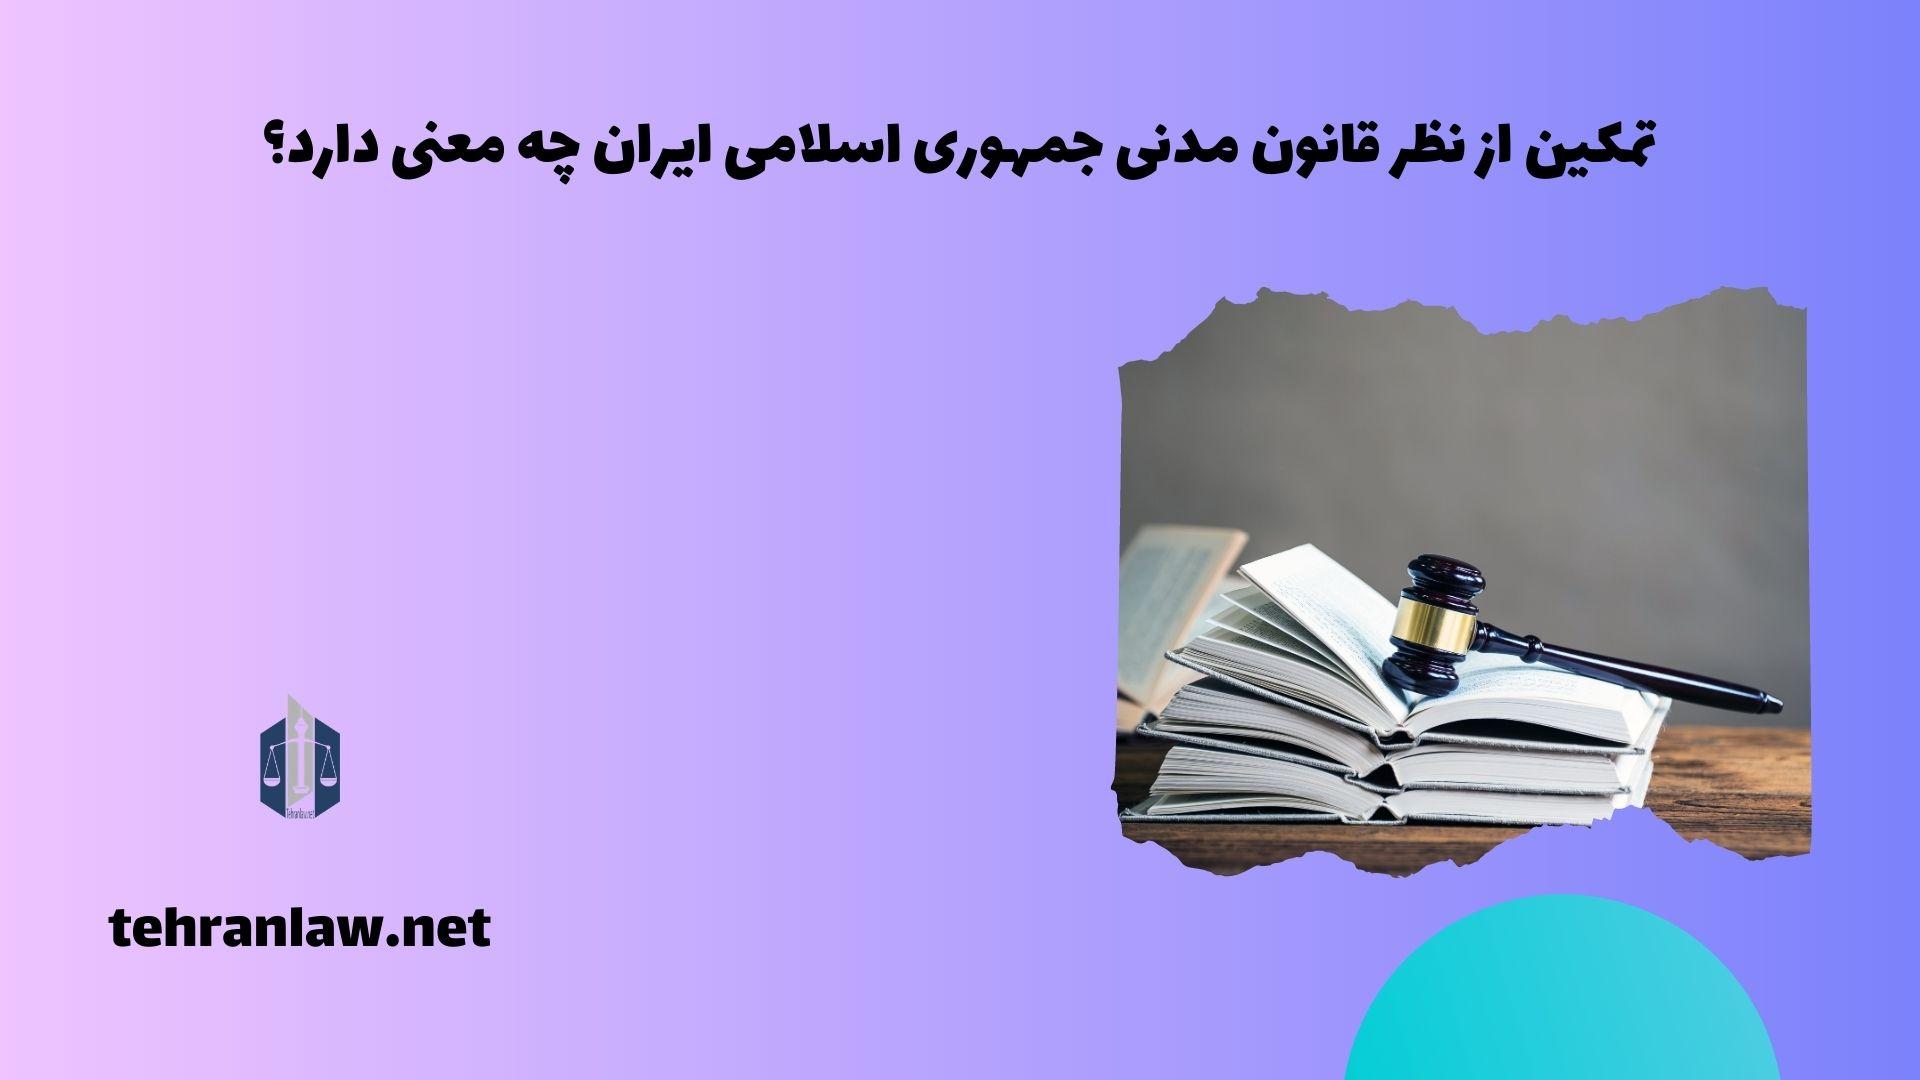 تمکین از نظر قانون مدنی جمهوری اسلامی ایران چه معنی دارد؟